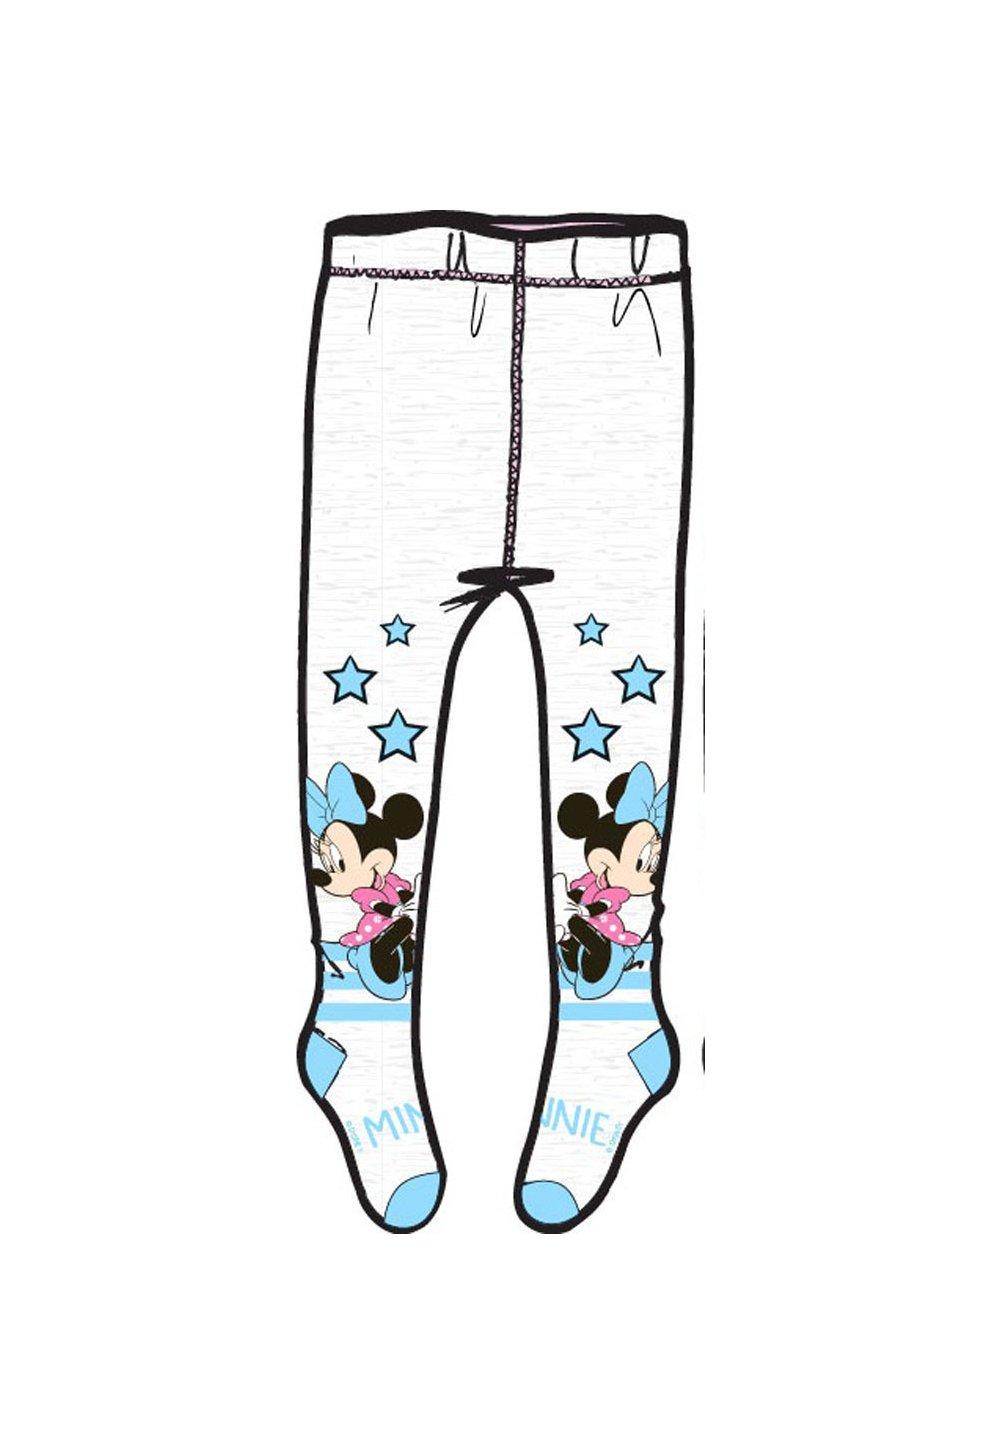 Ciorapi cu chilot, Minnie, albi cu stelute albastre imagine